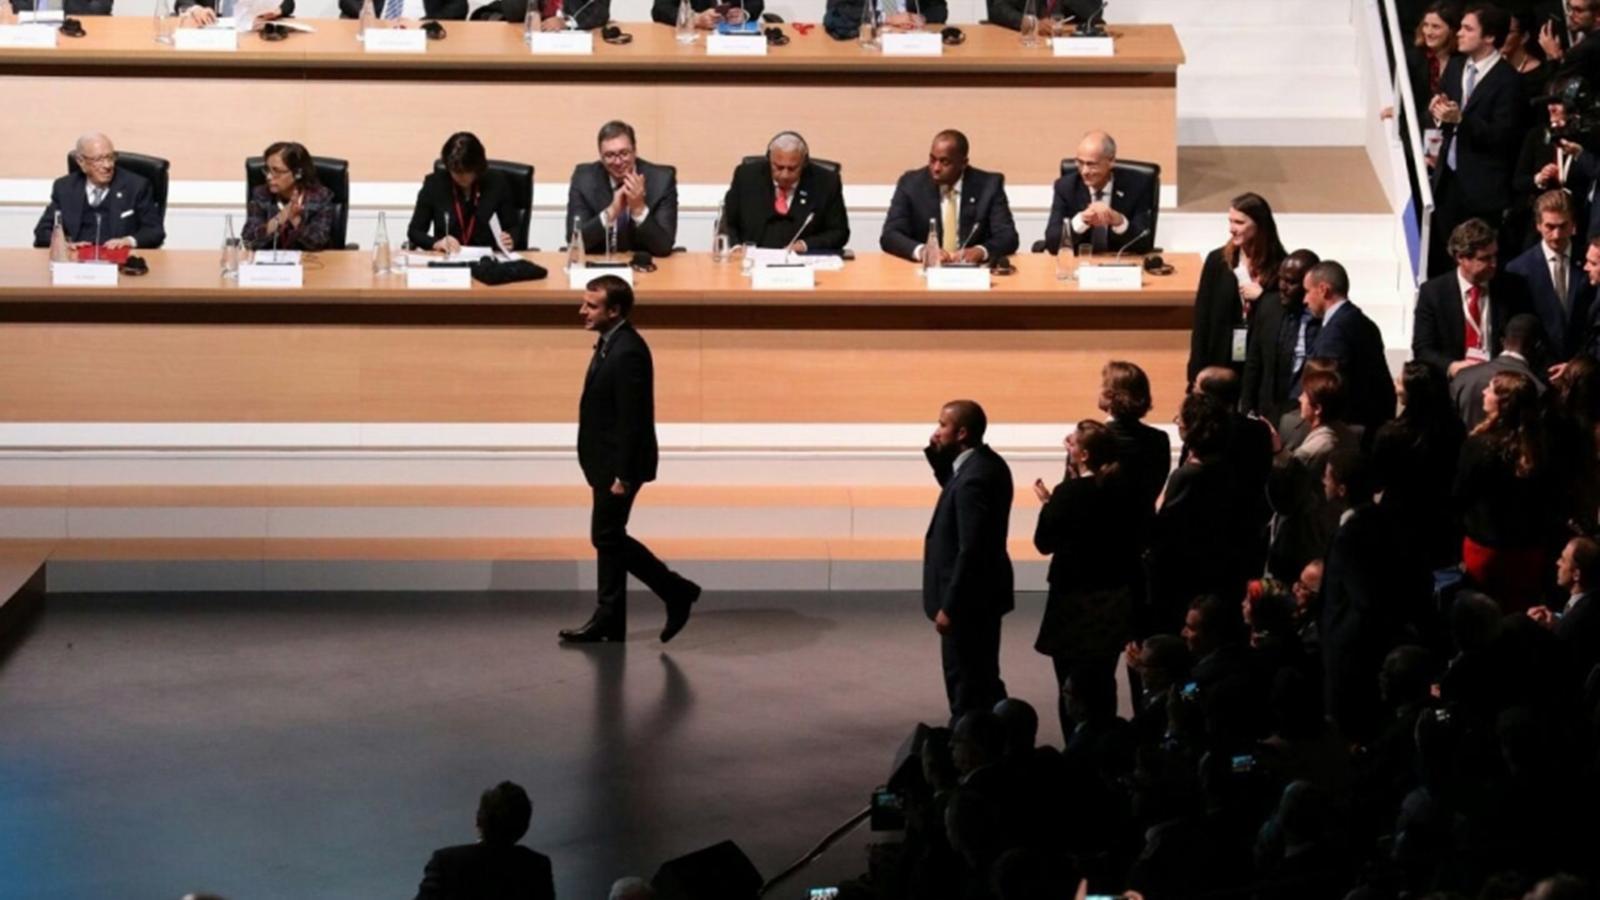 El copríncep francès i president de la República Francesa, Emmanuel Macron, en el moment de passar davant el cap de Govern, Toni Martí, durant la cimera. / ELISI